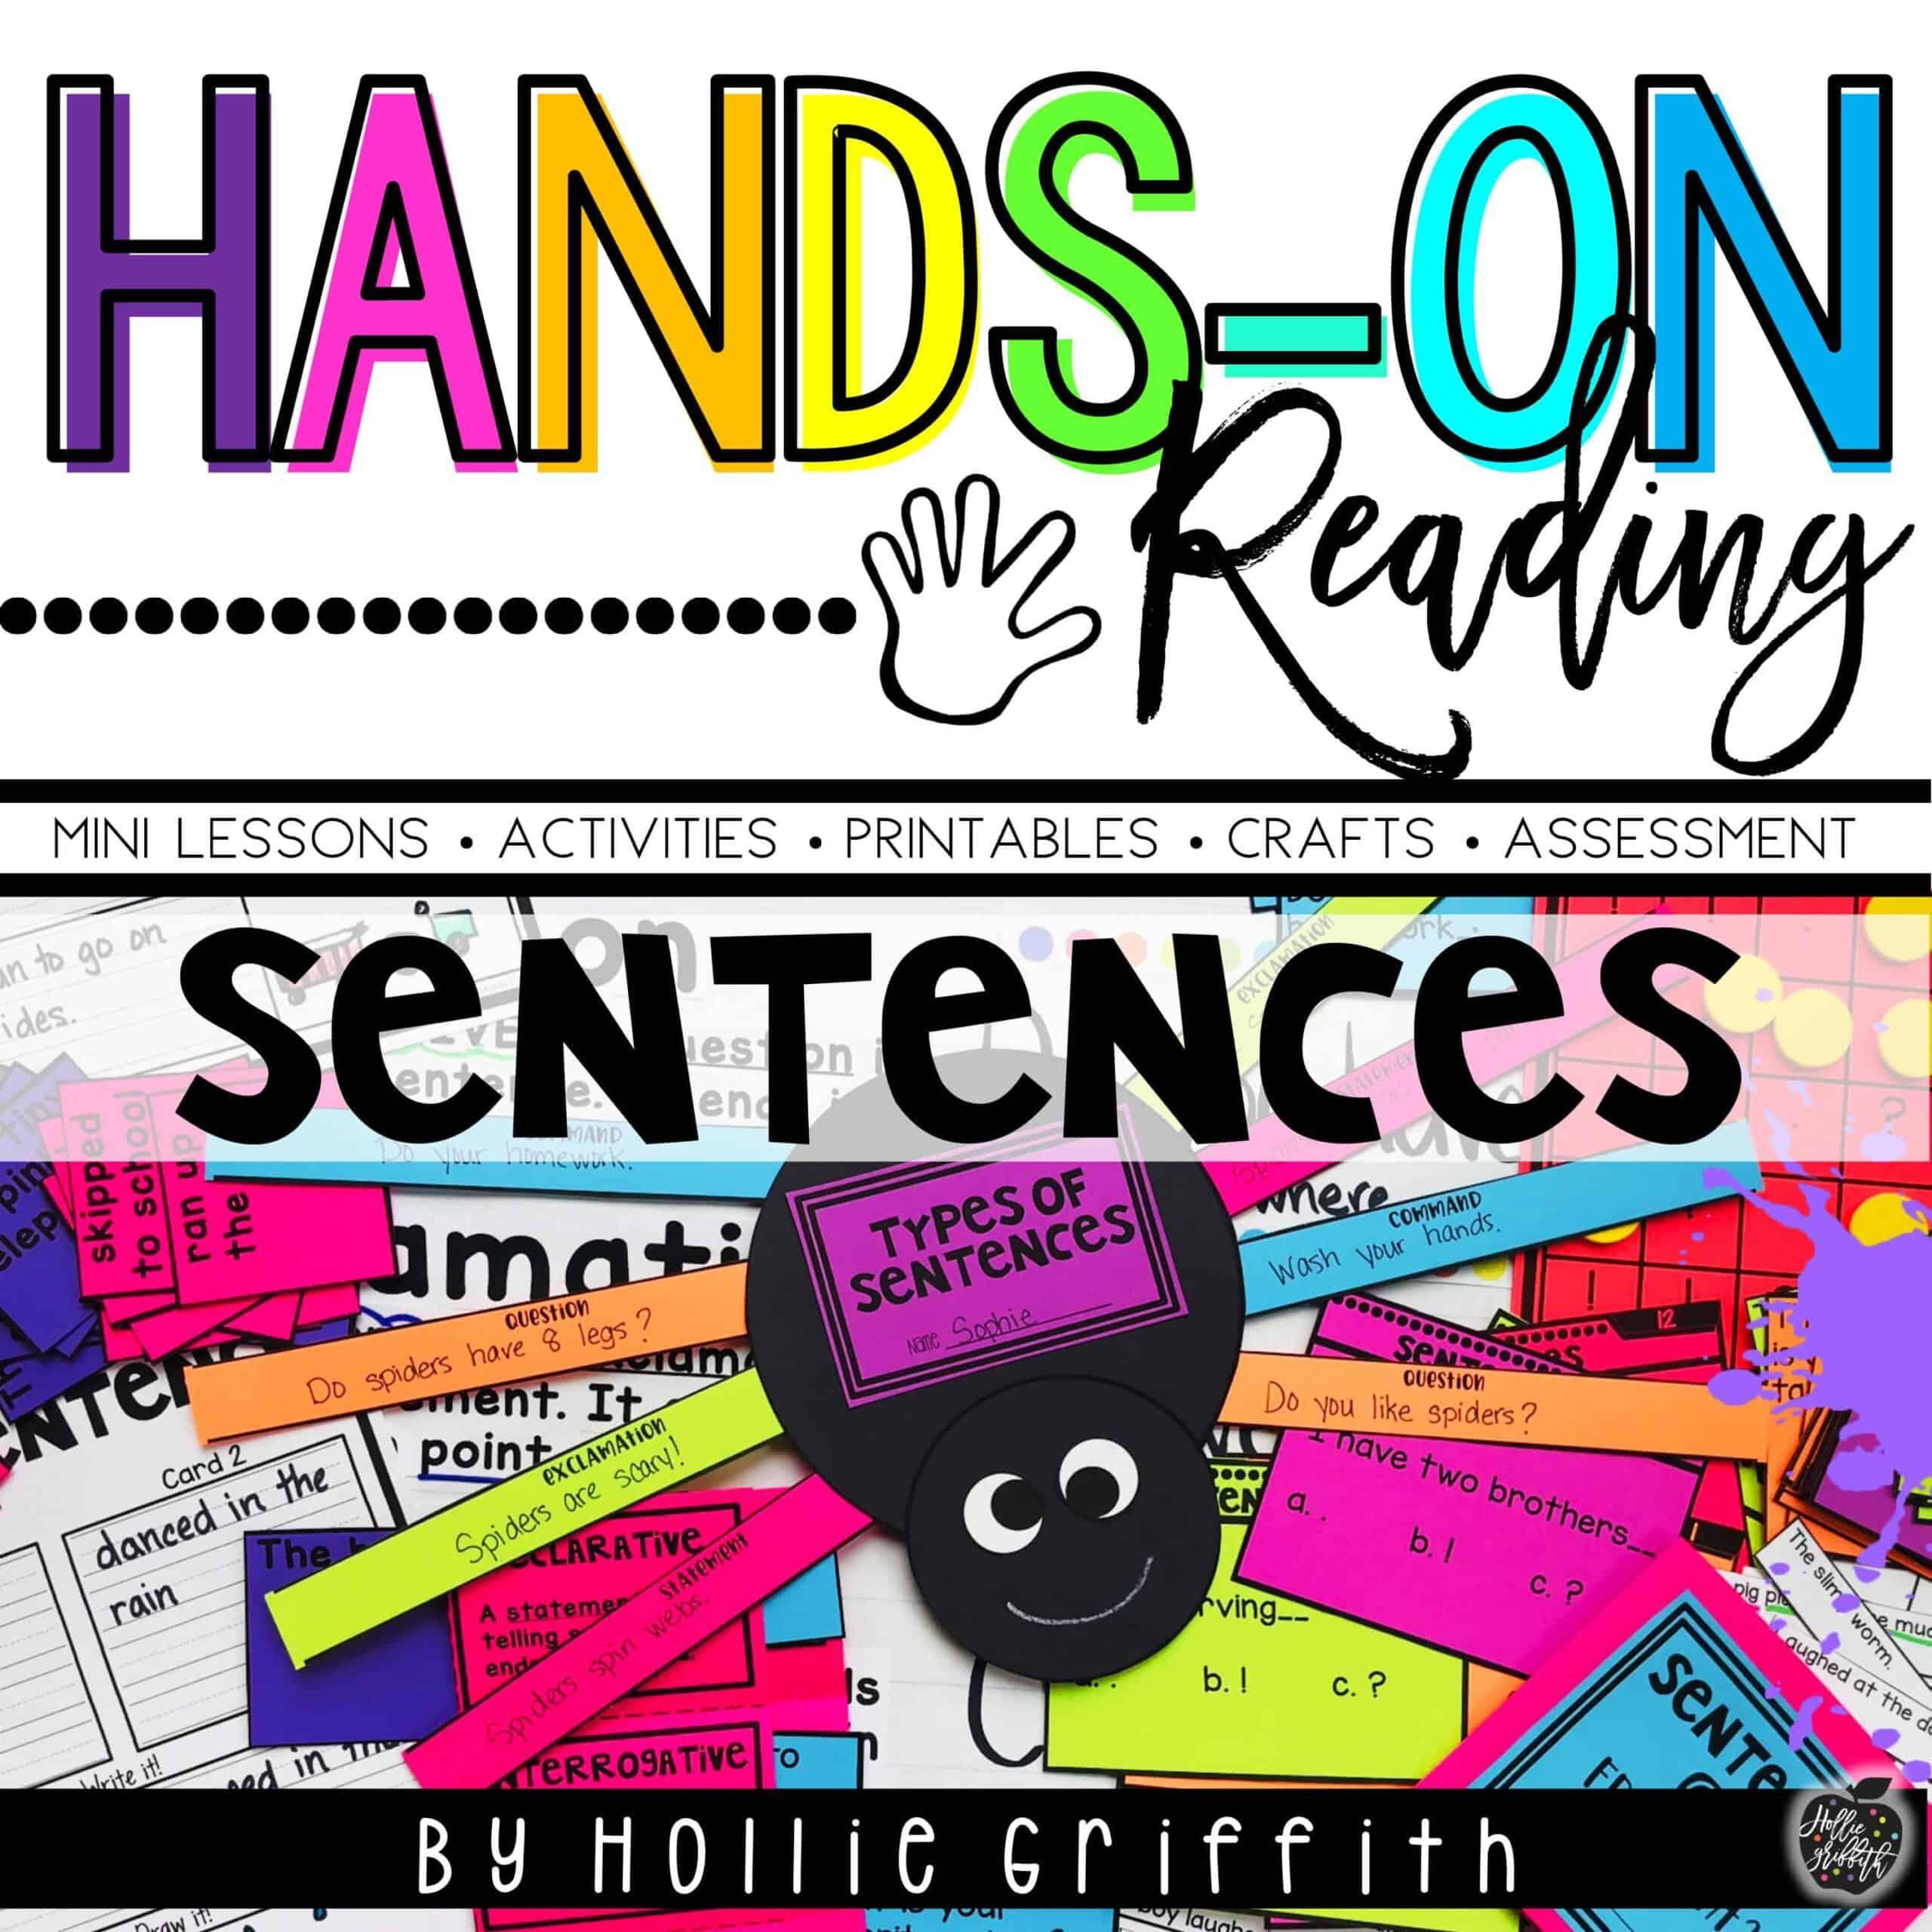 Building Sentences, Expanding Sentences & Types of Sentences